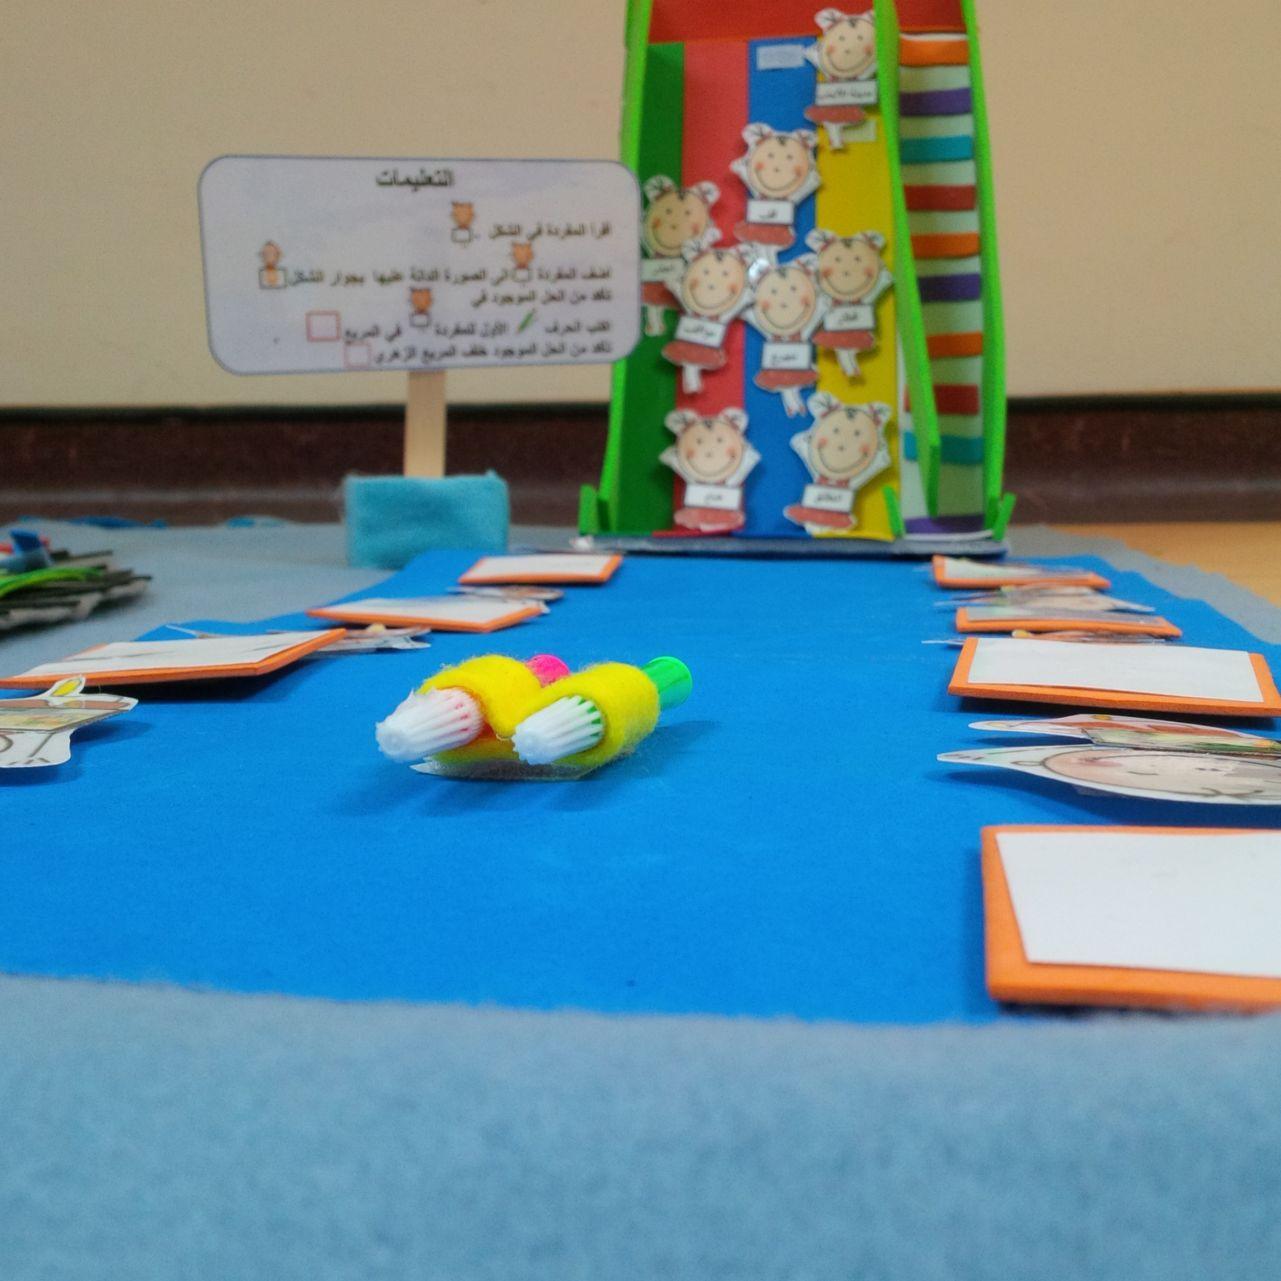 اللعبة اللغوية لعبة الزحليقة الملونة يتم فيها ربط المفردة الموجودة على الفتاة في الزحليقة بالصورة الدالة عليها في البساط الا Kids And Parenting Kids Parenting